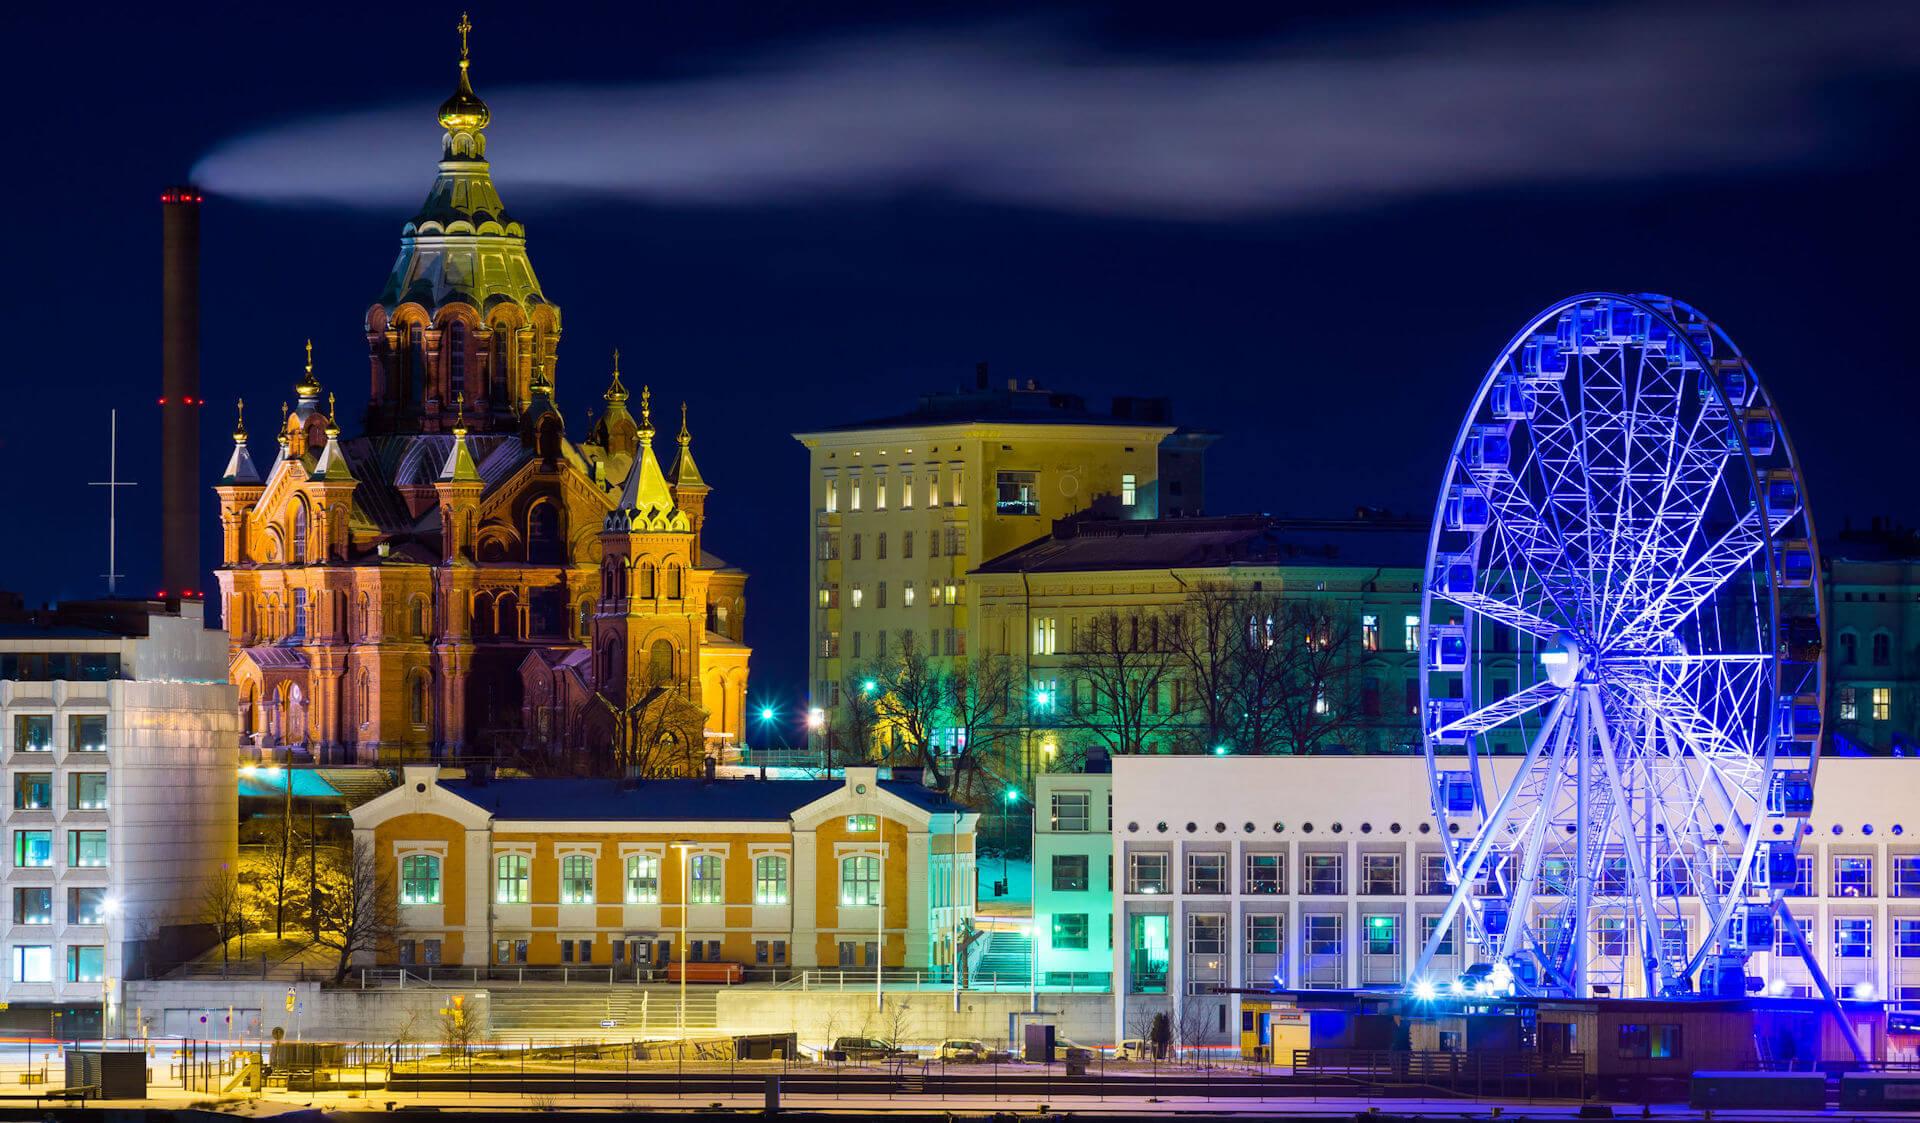 •09-13 September 2019 – Helsinki